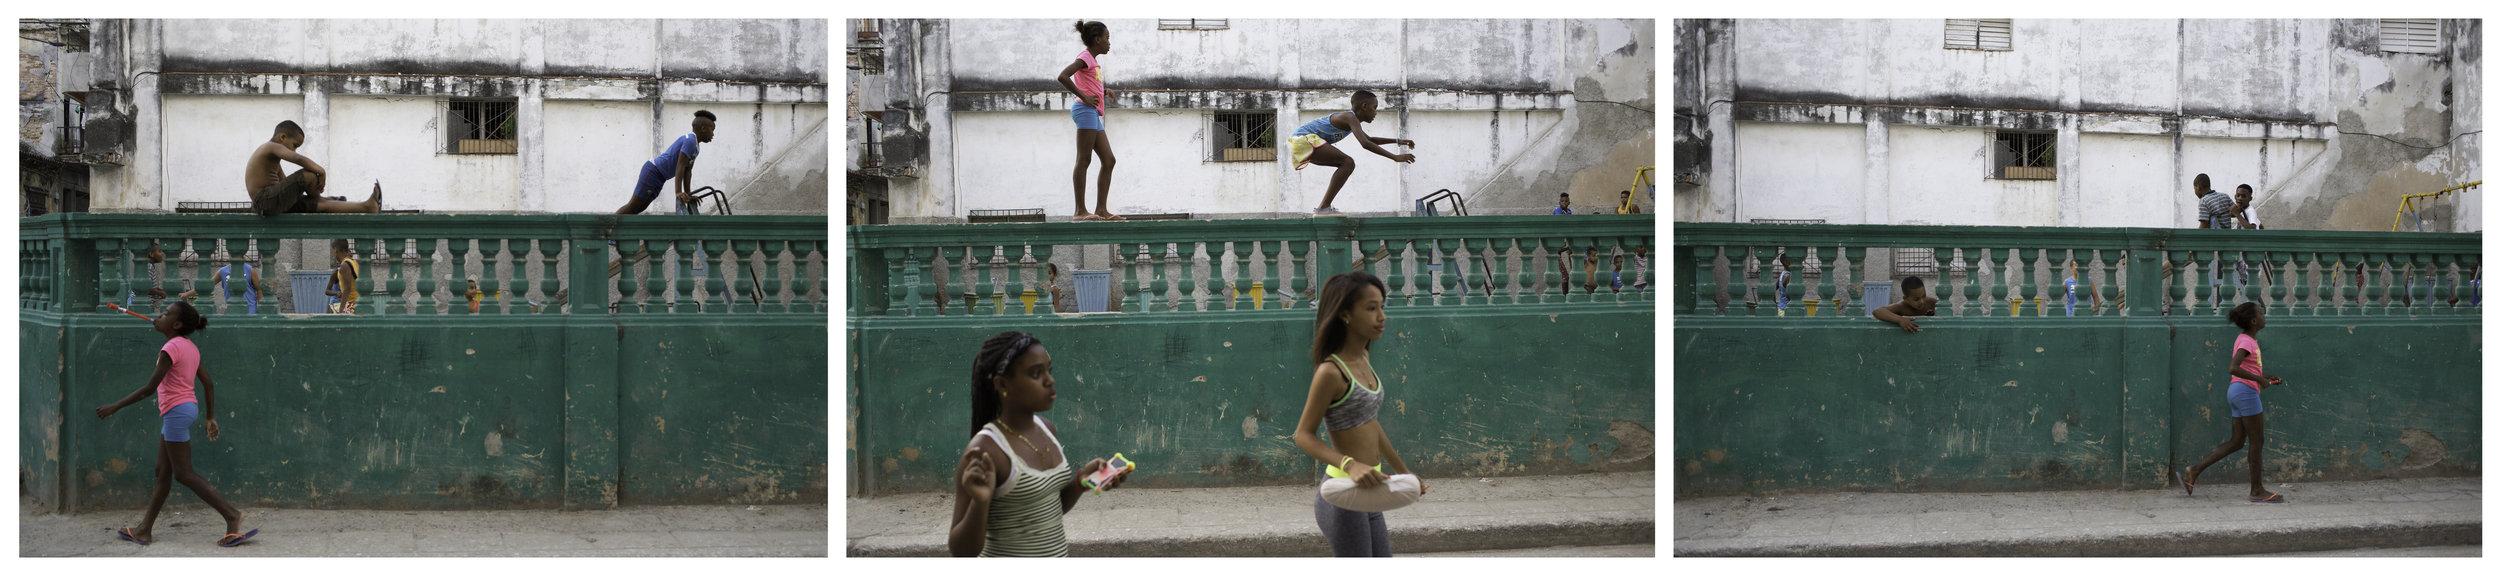 playground triptych 2.jpg